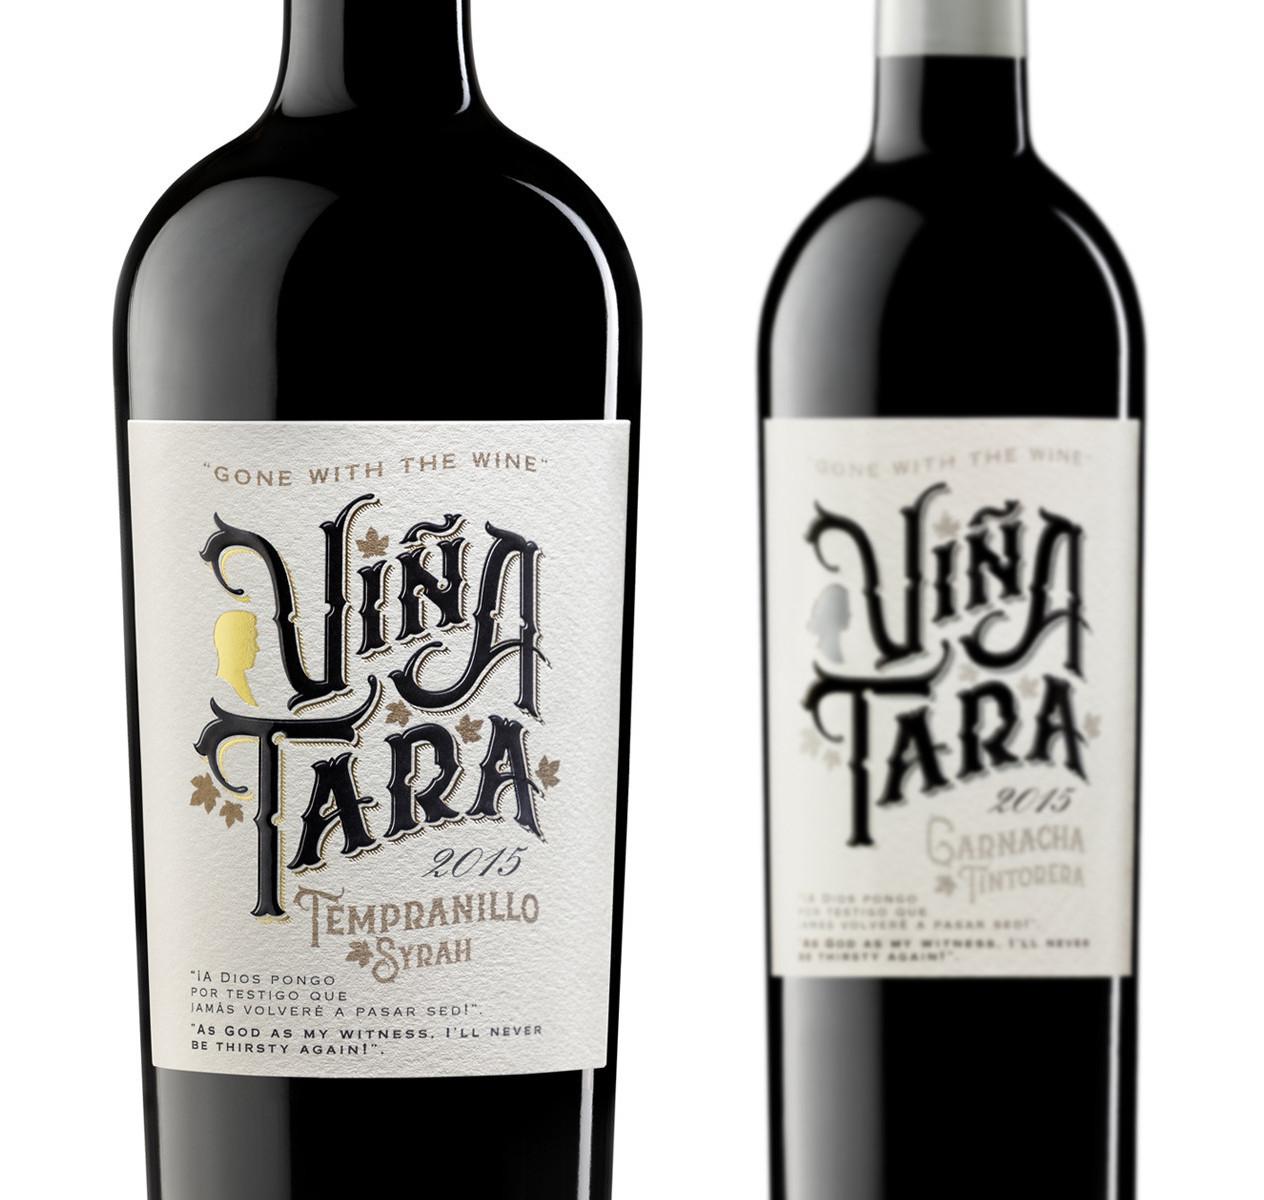 Viña Tara Diseño Packaging Vino Tinto Tempranillo Syrah Garnacha Tintorera